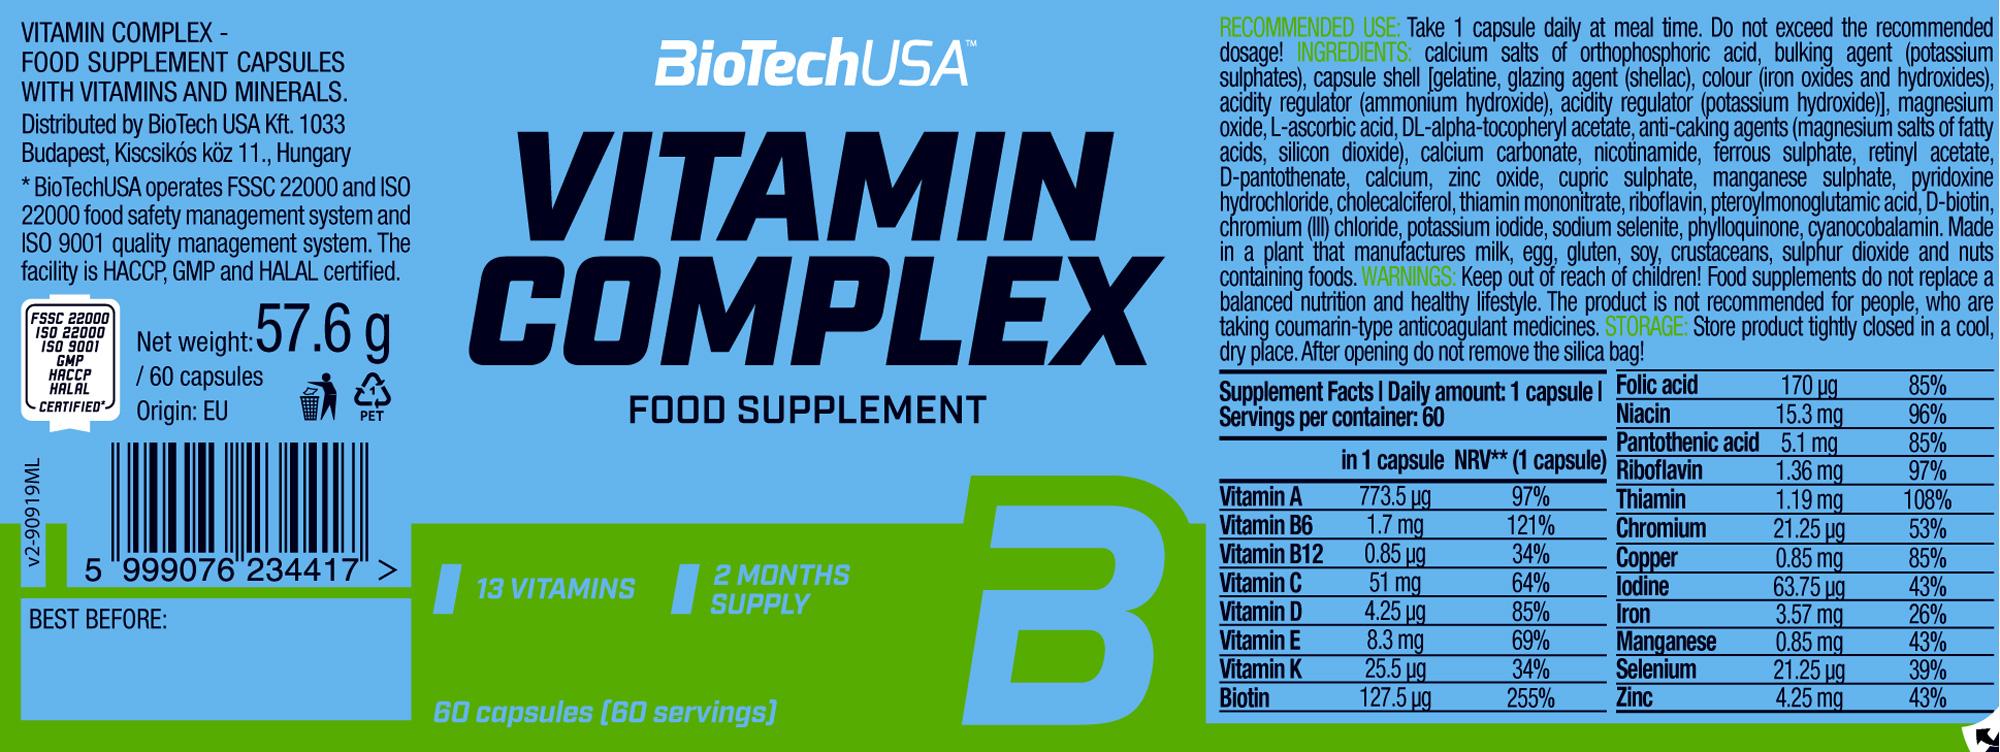 biotech_vitamin_complex_60caps_info